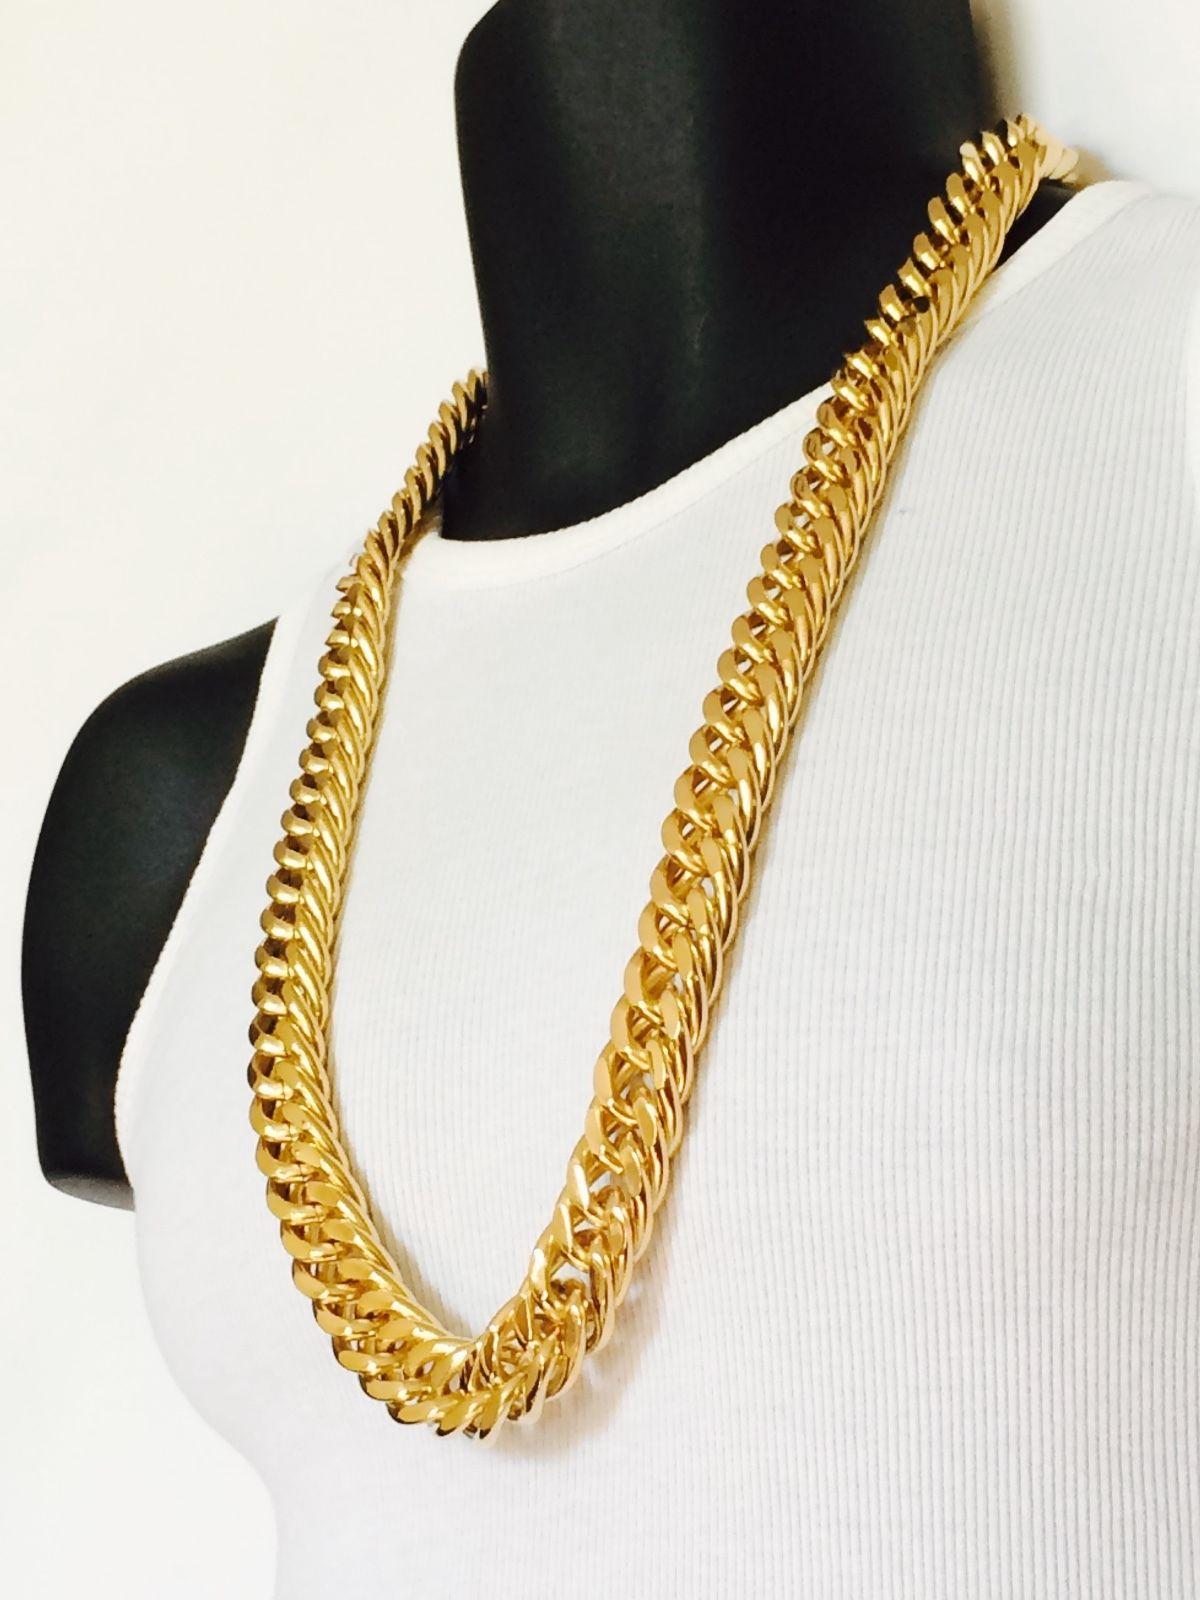 5b06ab4bc409 Compre Hombres Miami Cuban Link Curb Chain 14k Real Amarillo Sólido Oro GF  Hip Hop 11MM Cadena Gruesa JayZ Epacket ENVÍO GRATIS A  17.08 Del  Wwwabcdefg886 ...